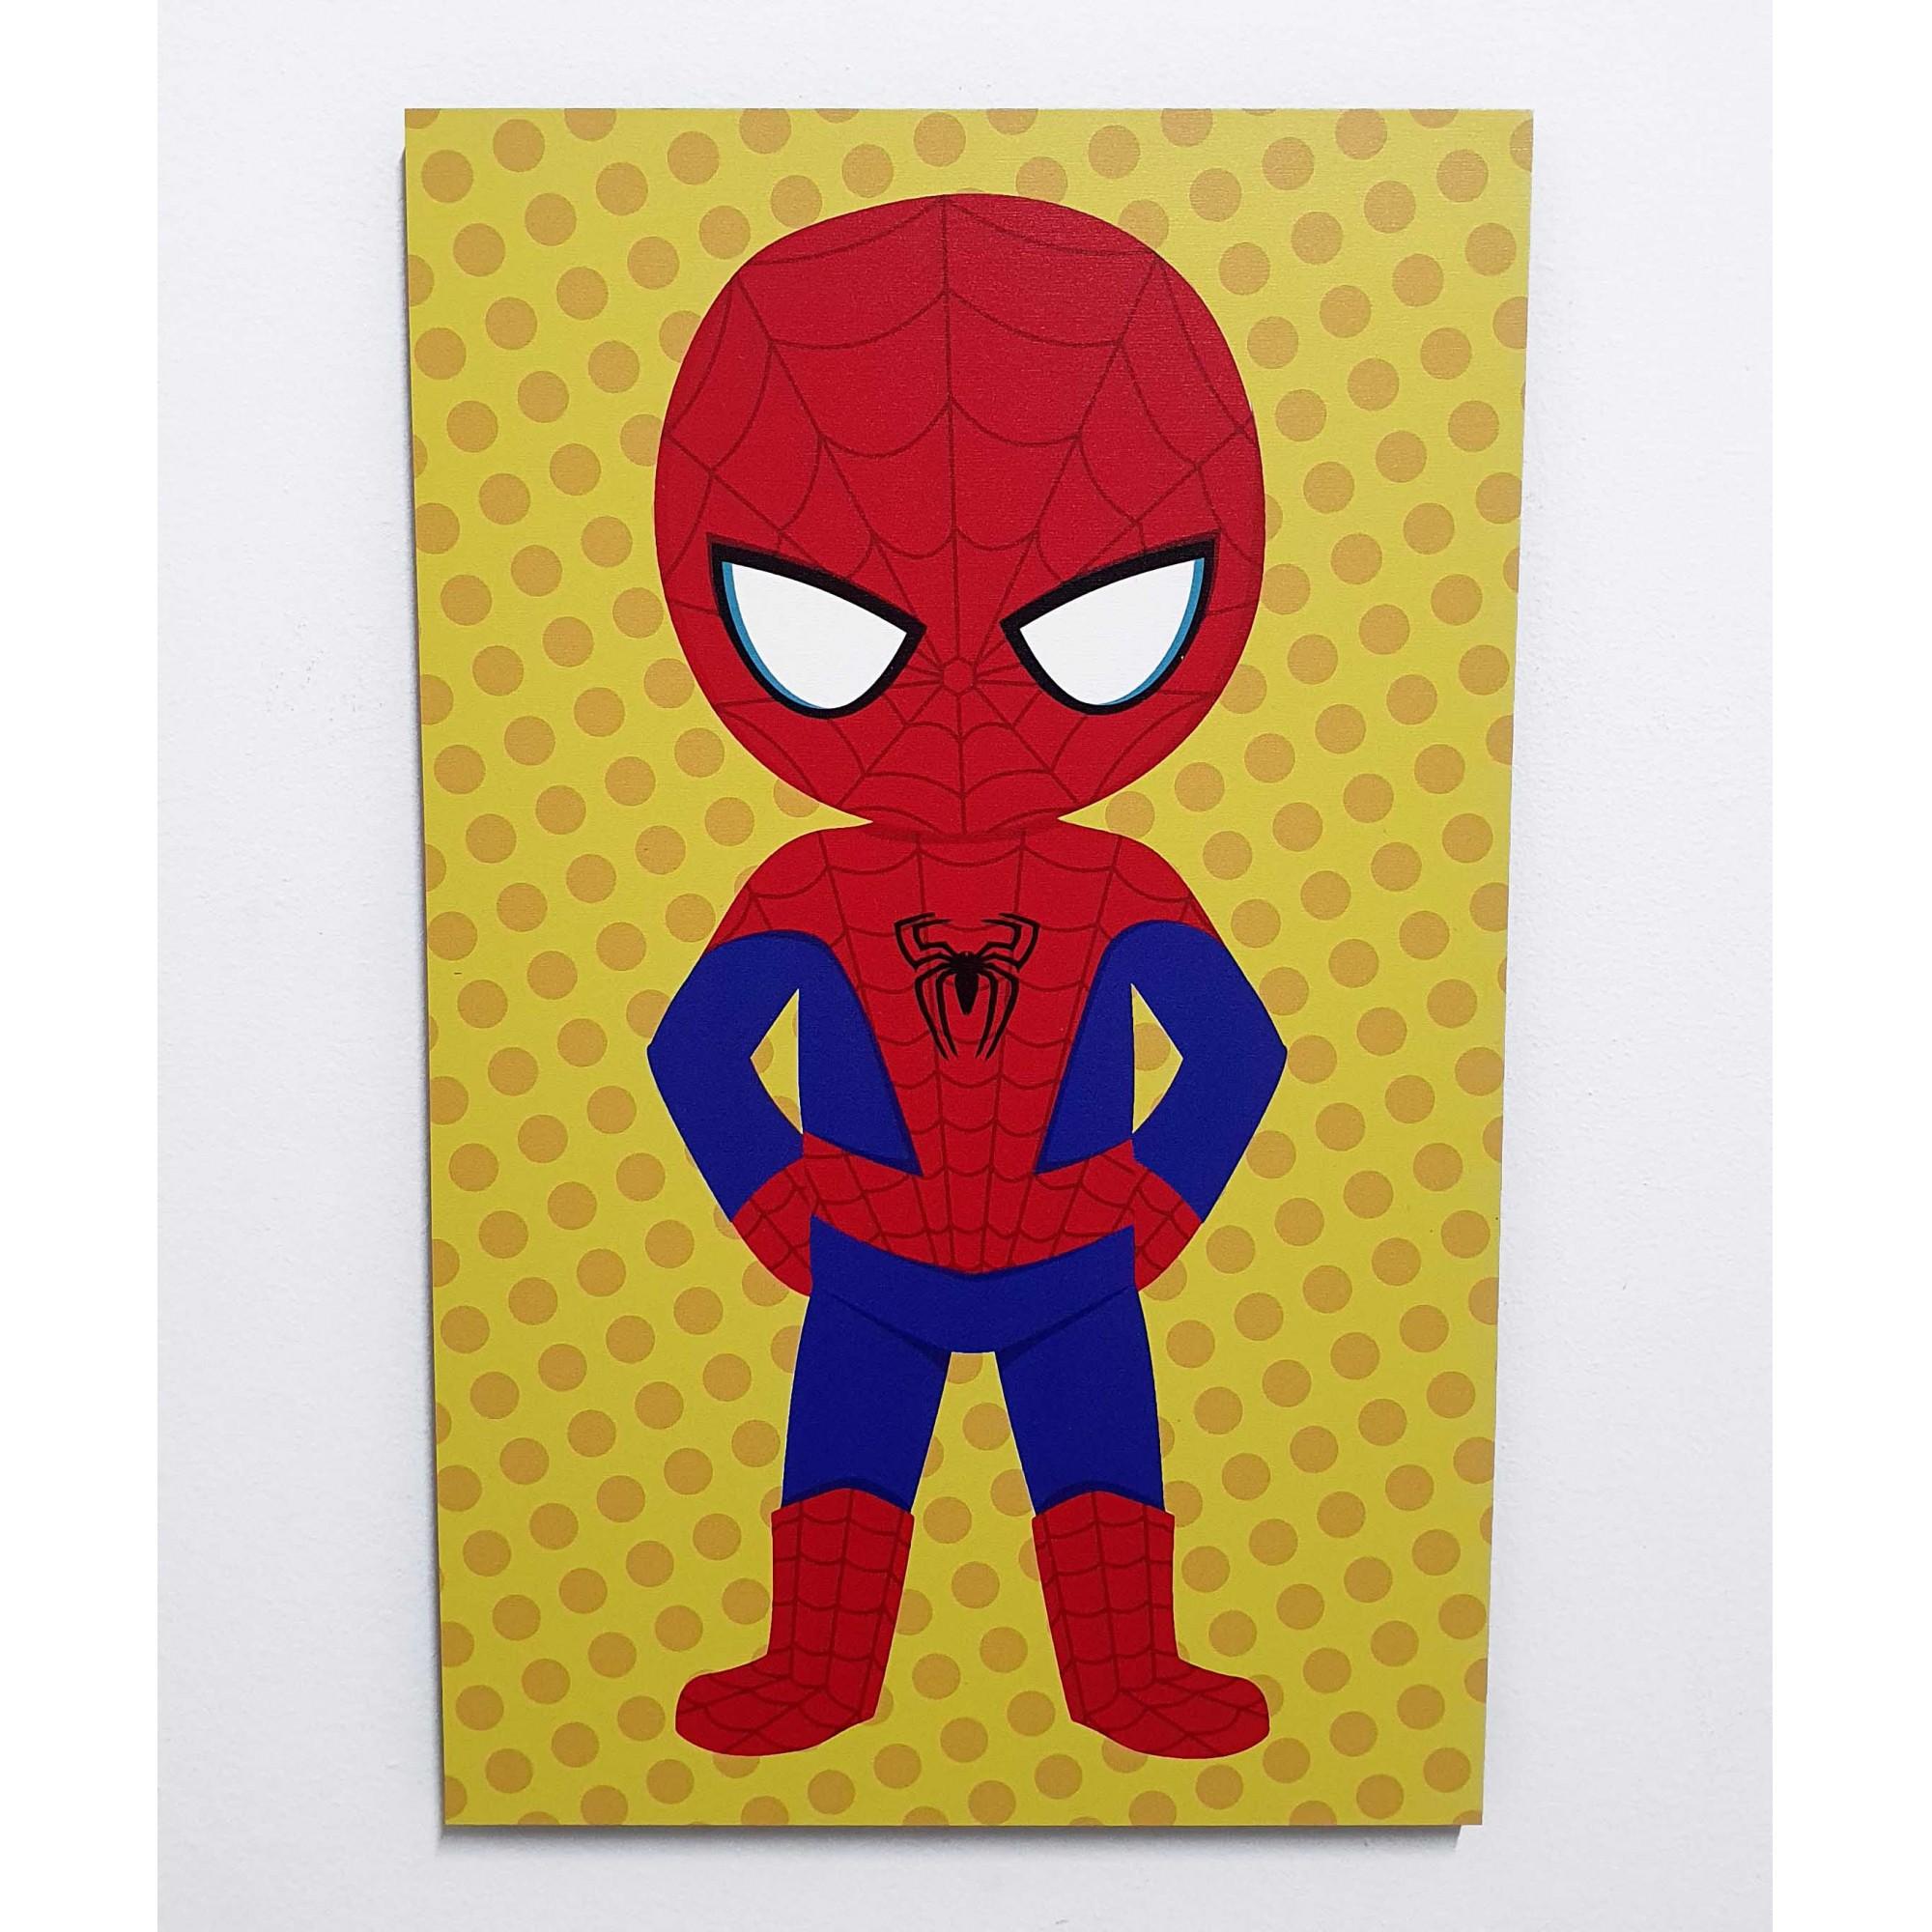 Quadro Decorativo Infantil Mini Vingadores - Homem Aranha (Spider Man) 42x26cm ou 30x18cm